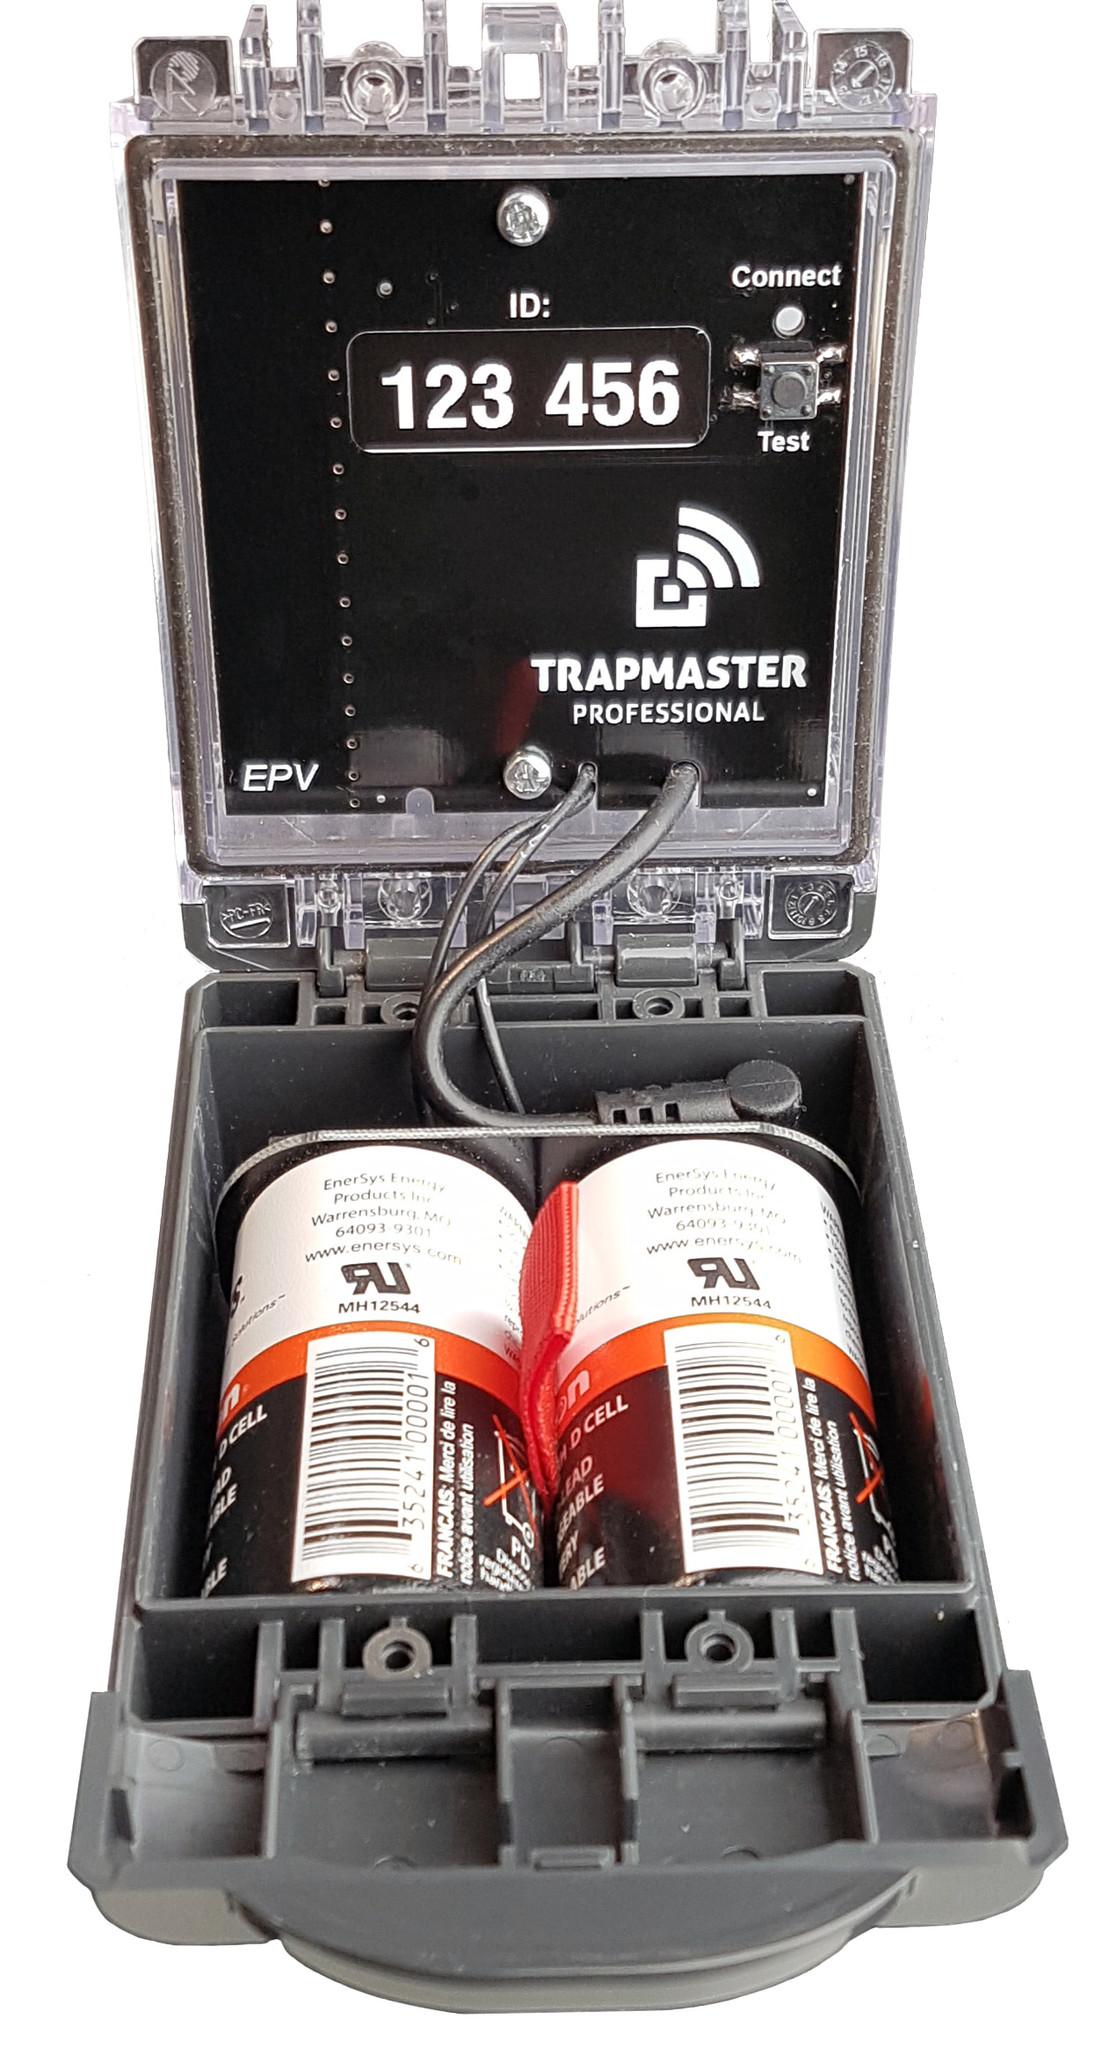 Fallenmelder Fallenalarm TRAPMASTER einfache Bedienung dank Gehäusekonzept